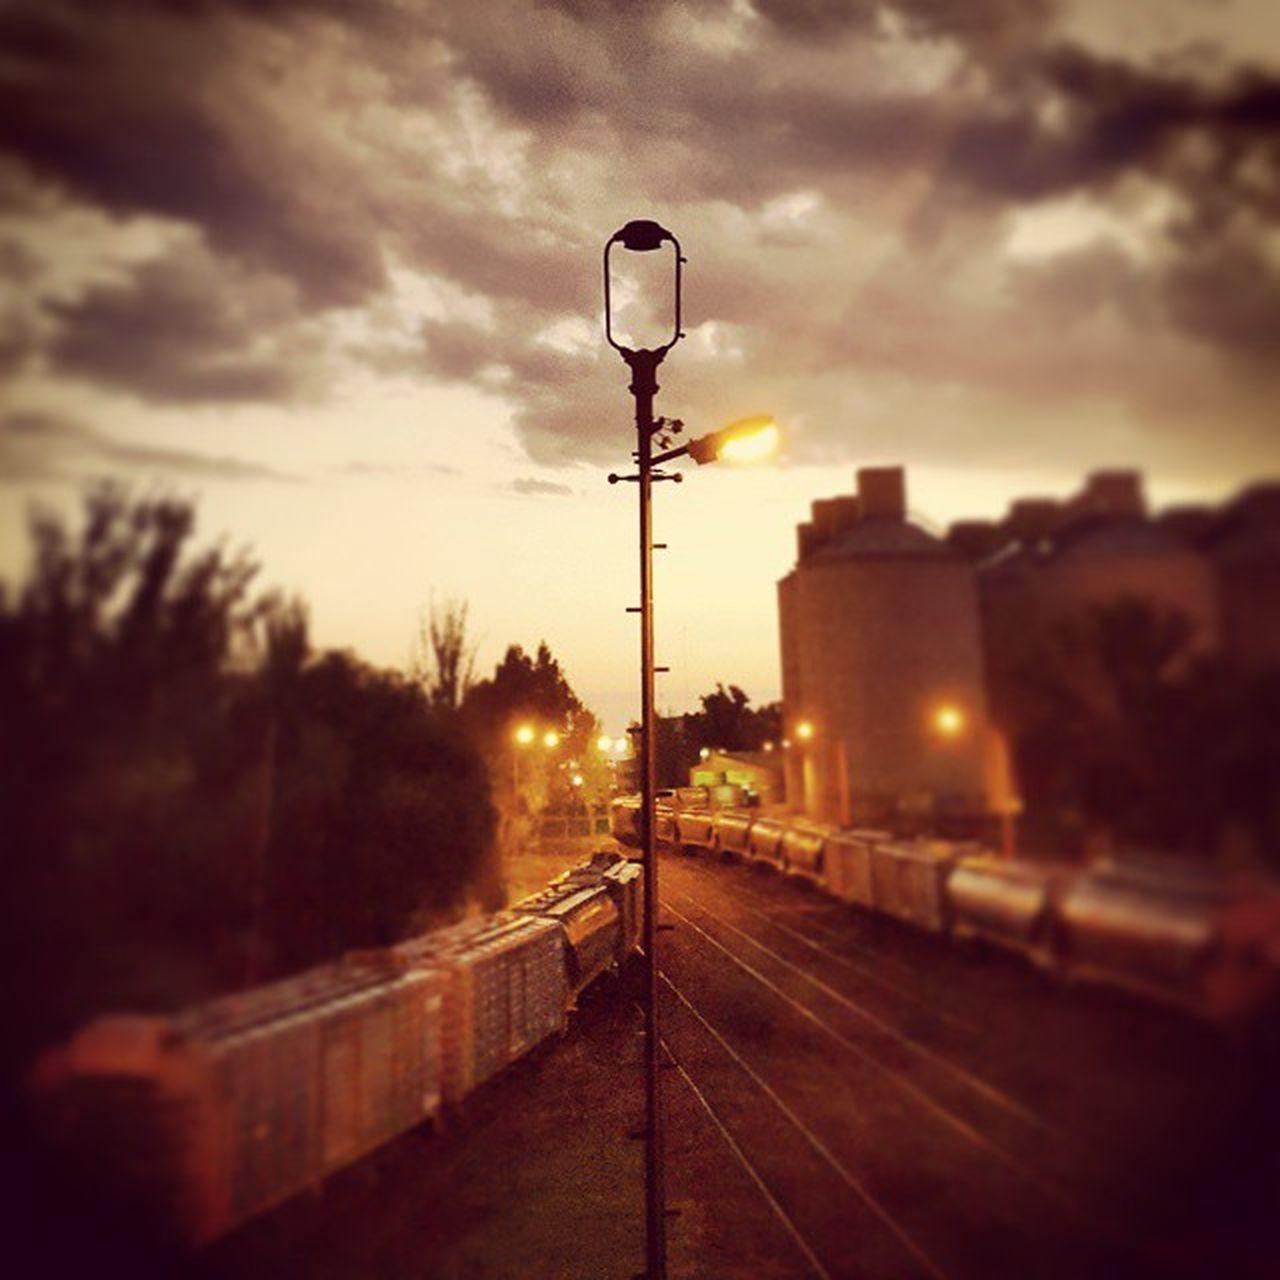 Otra de las vias del tren, desde el puente de la niña en Ingeniero White, Bahia Blanca Railway Train Puentedelaniña Tren Viasdetren Vias Anochecer Twilight Bahiablanca